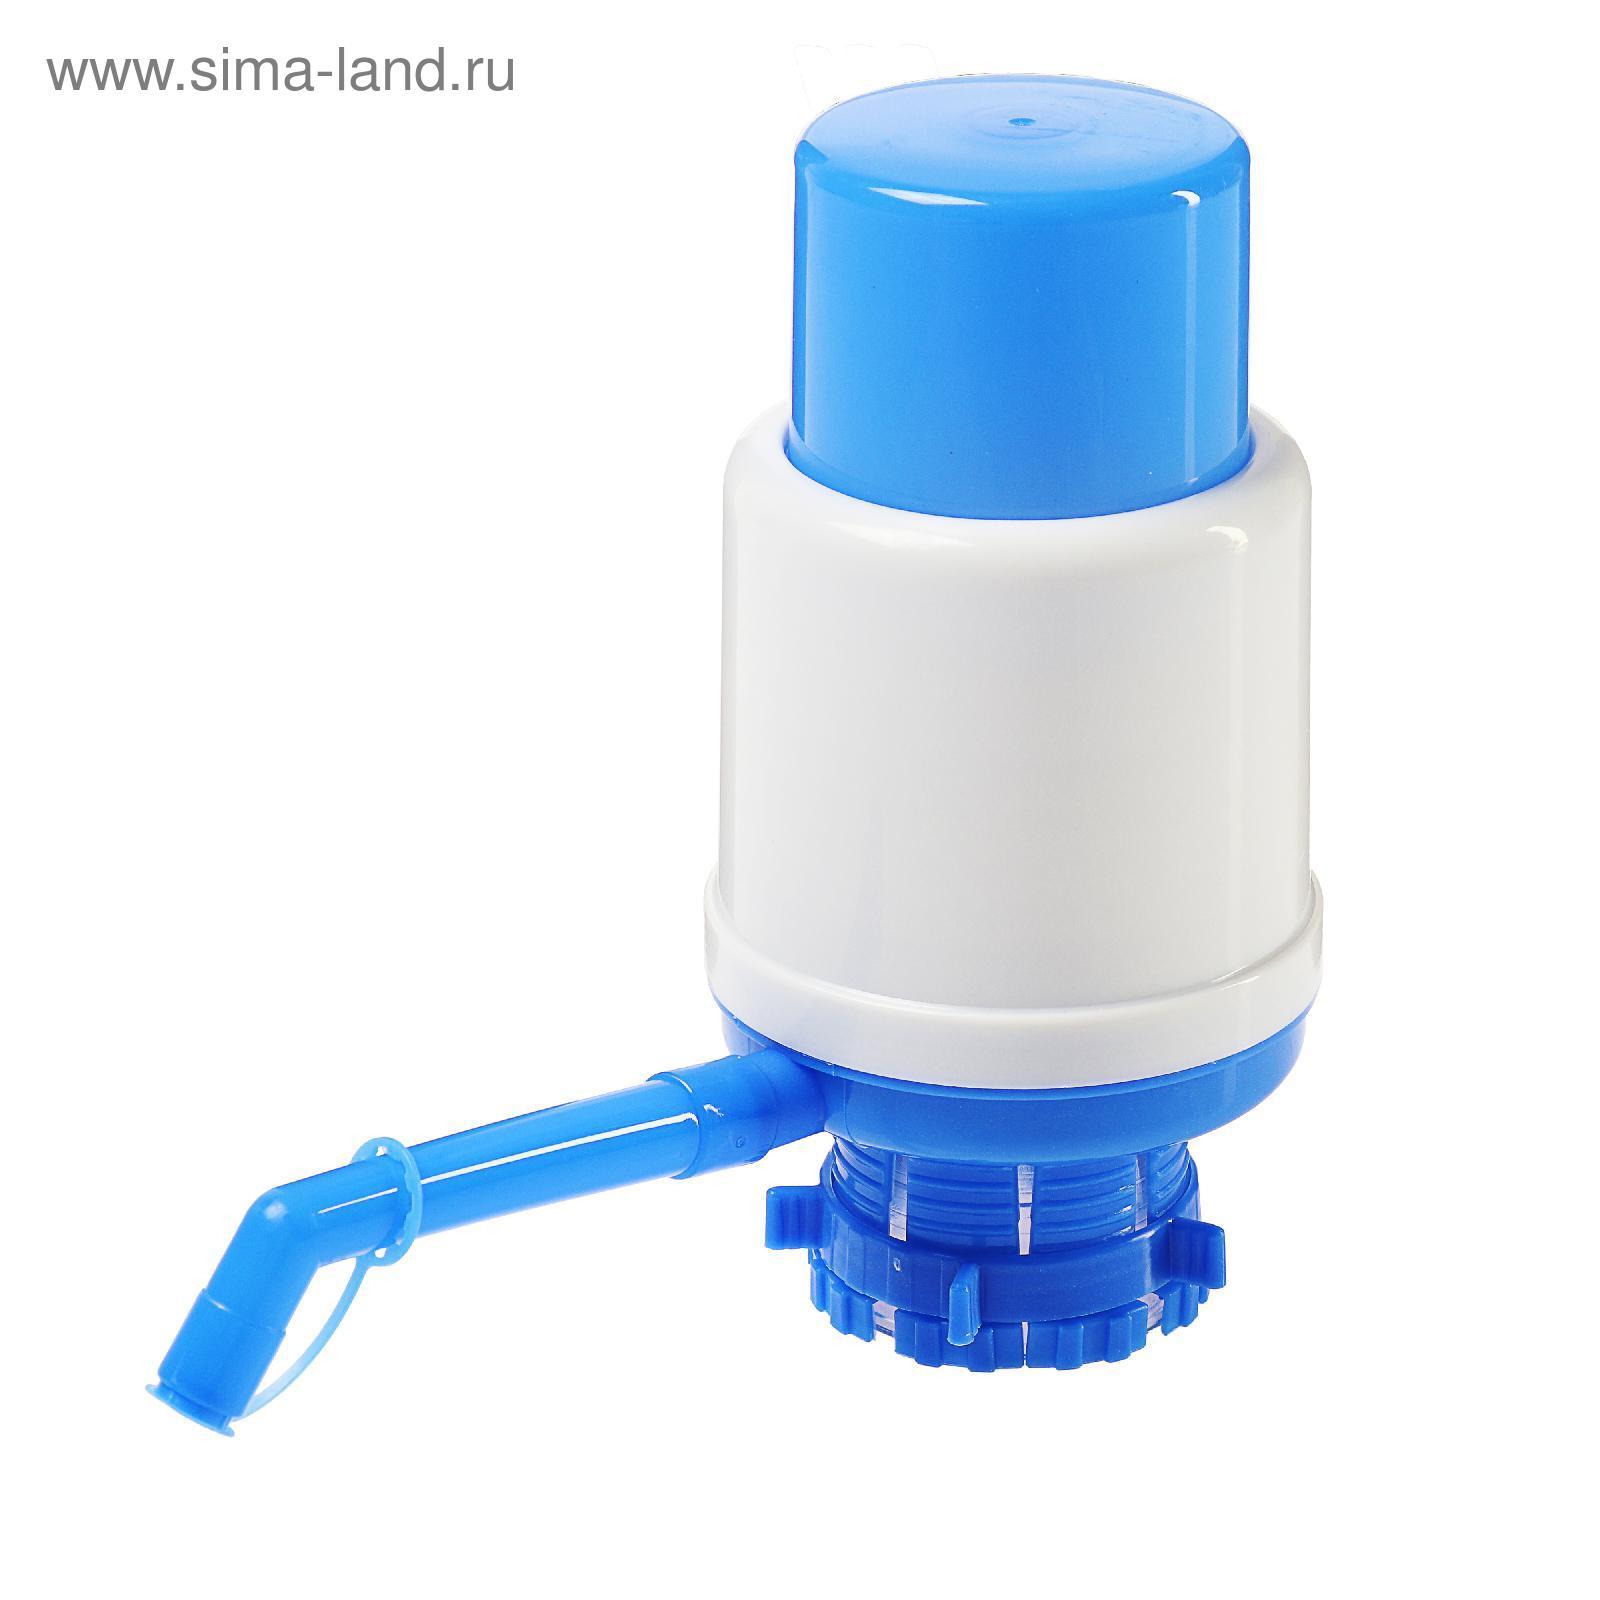 Помпа для воды Luazon, большая, длина трубки 45,5 (1430087) - Купить ... 25e09dd3ebd